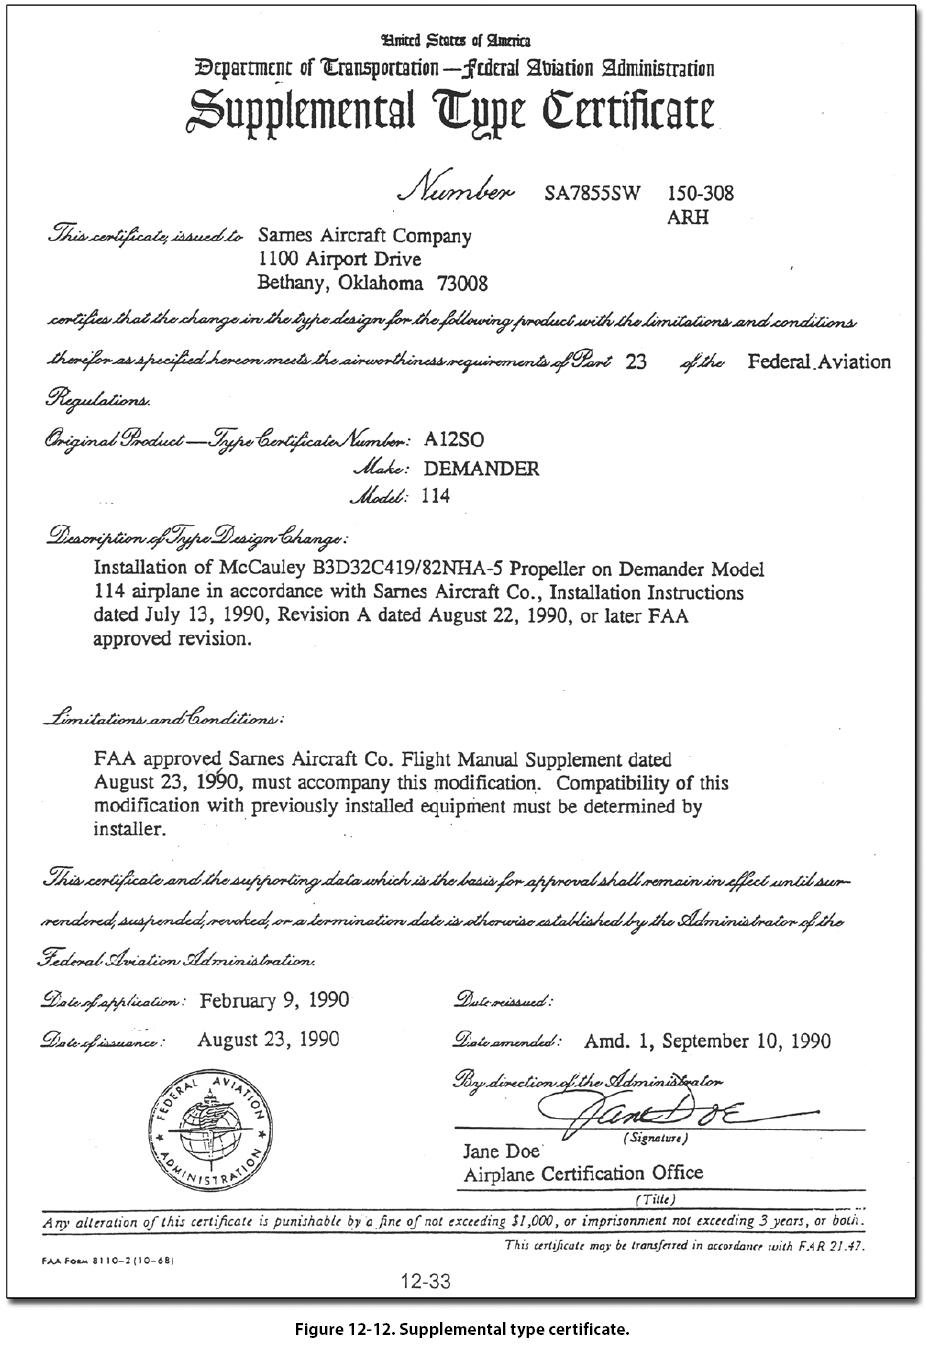 www gartnerstudios com certificates templates - type certificate images editable certificate template